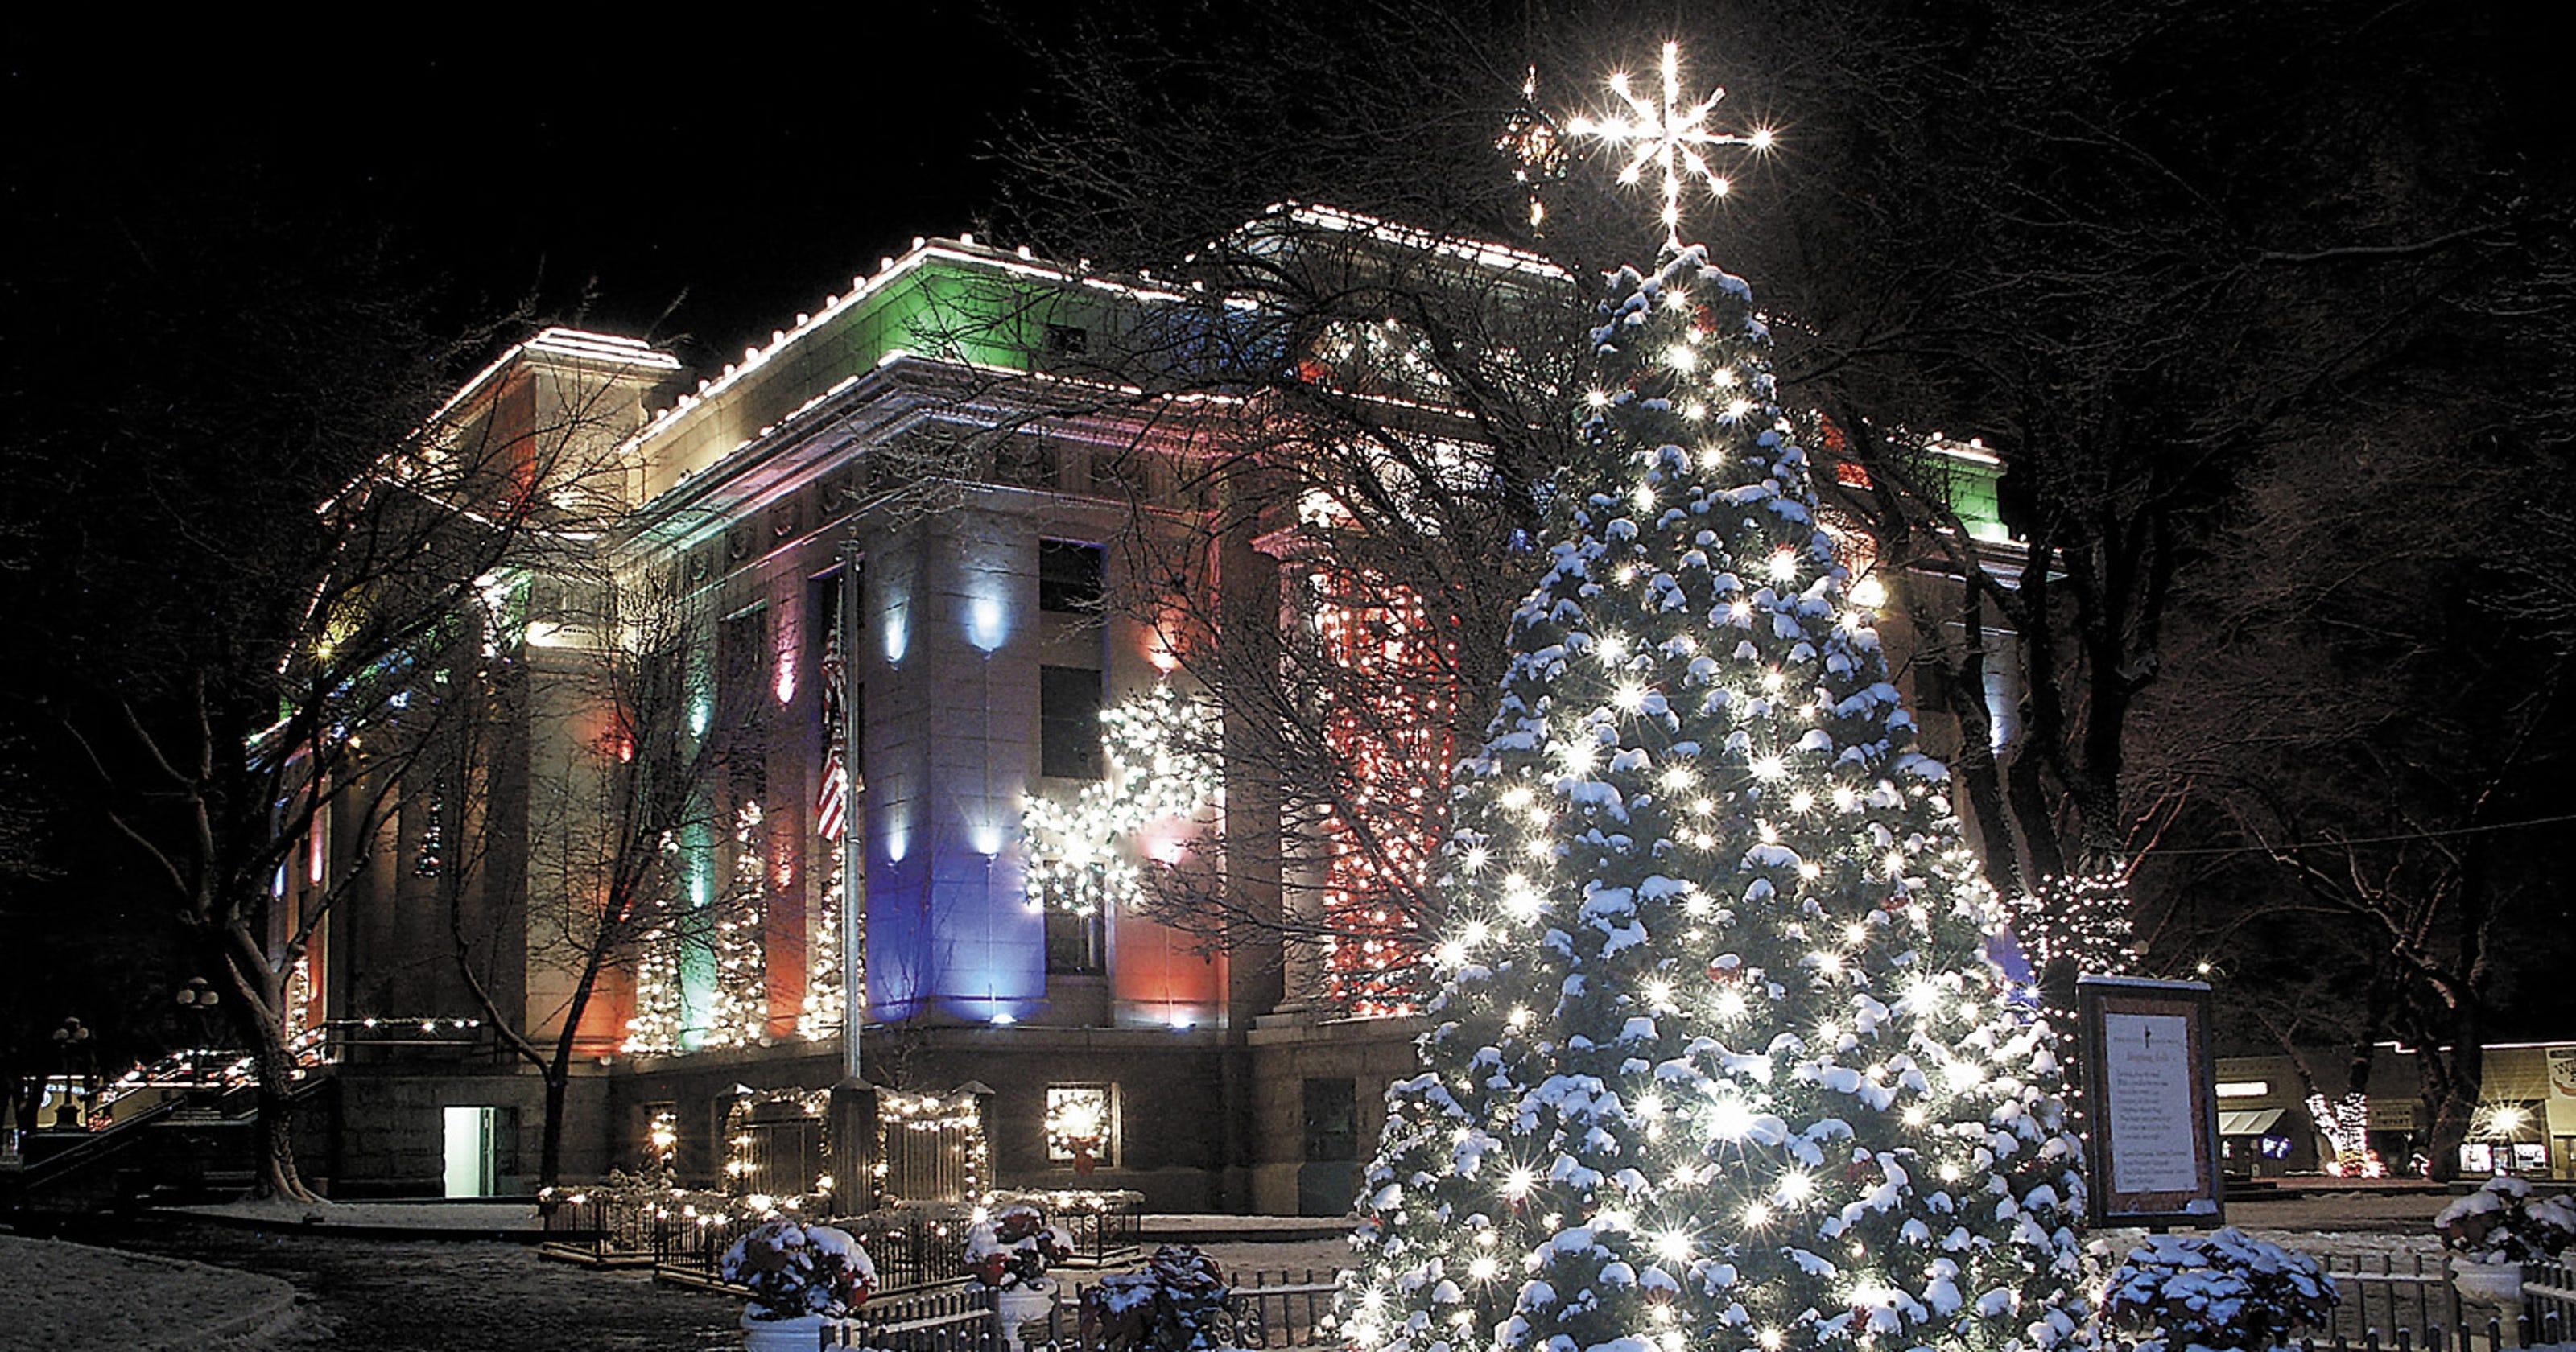 Holiday lights, sights in Prescott